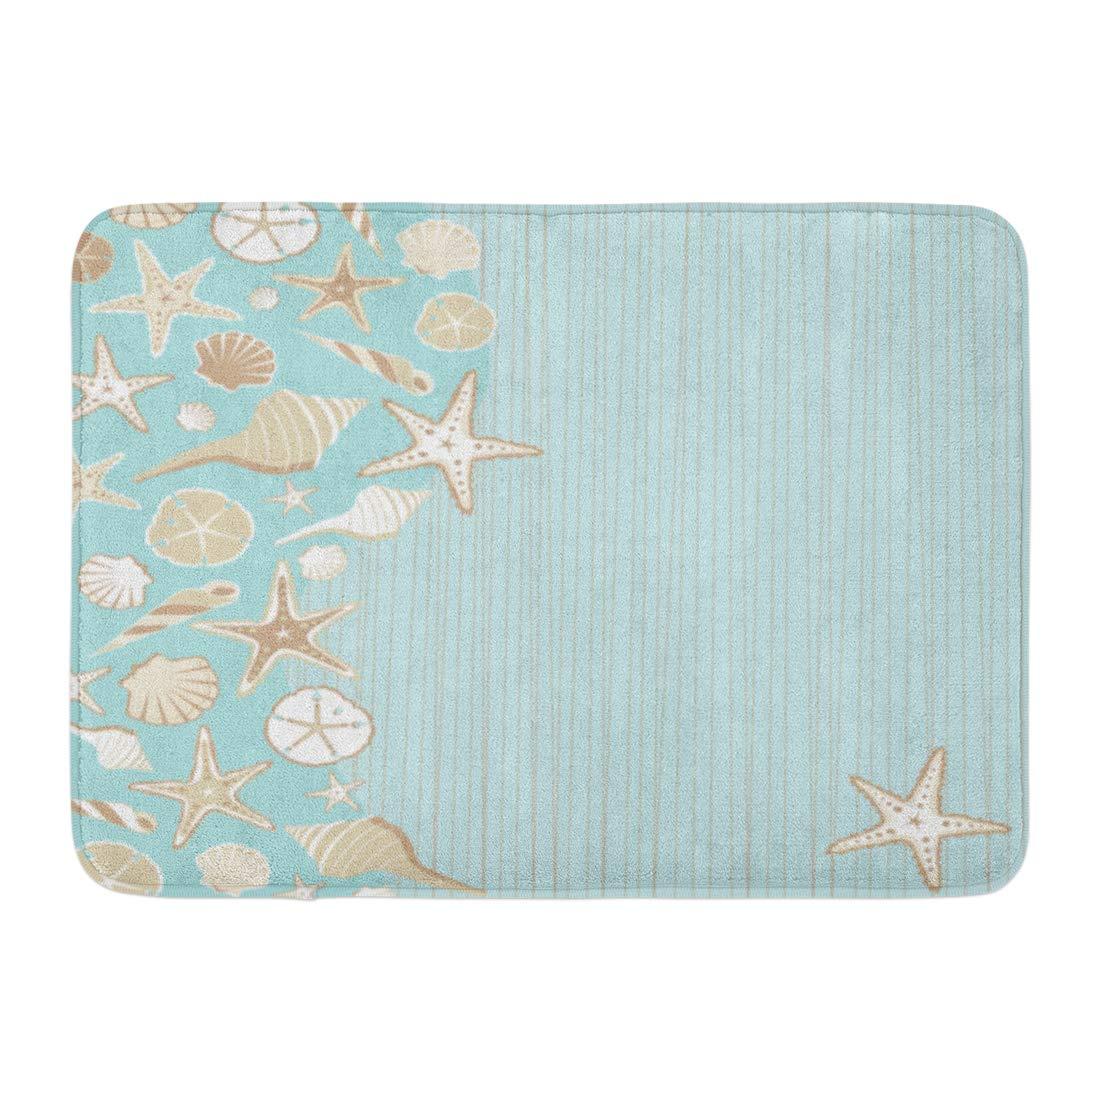 """Emvency Doormats Bath Rugs Outdoor/Indoor Door Mat Seashell Beach Party Variety of Shells on Aqua Teal Stria Wtih Whimsical Tropical Feel and Plenty Room Bathroom Decor Rug 16"""" x 24"""""""